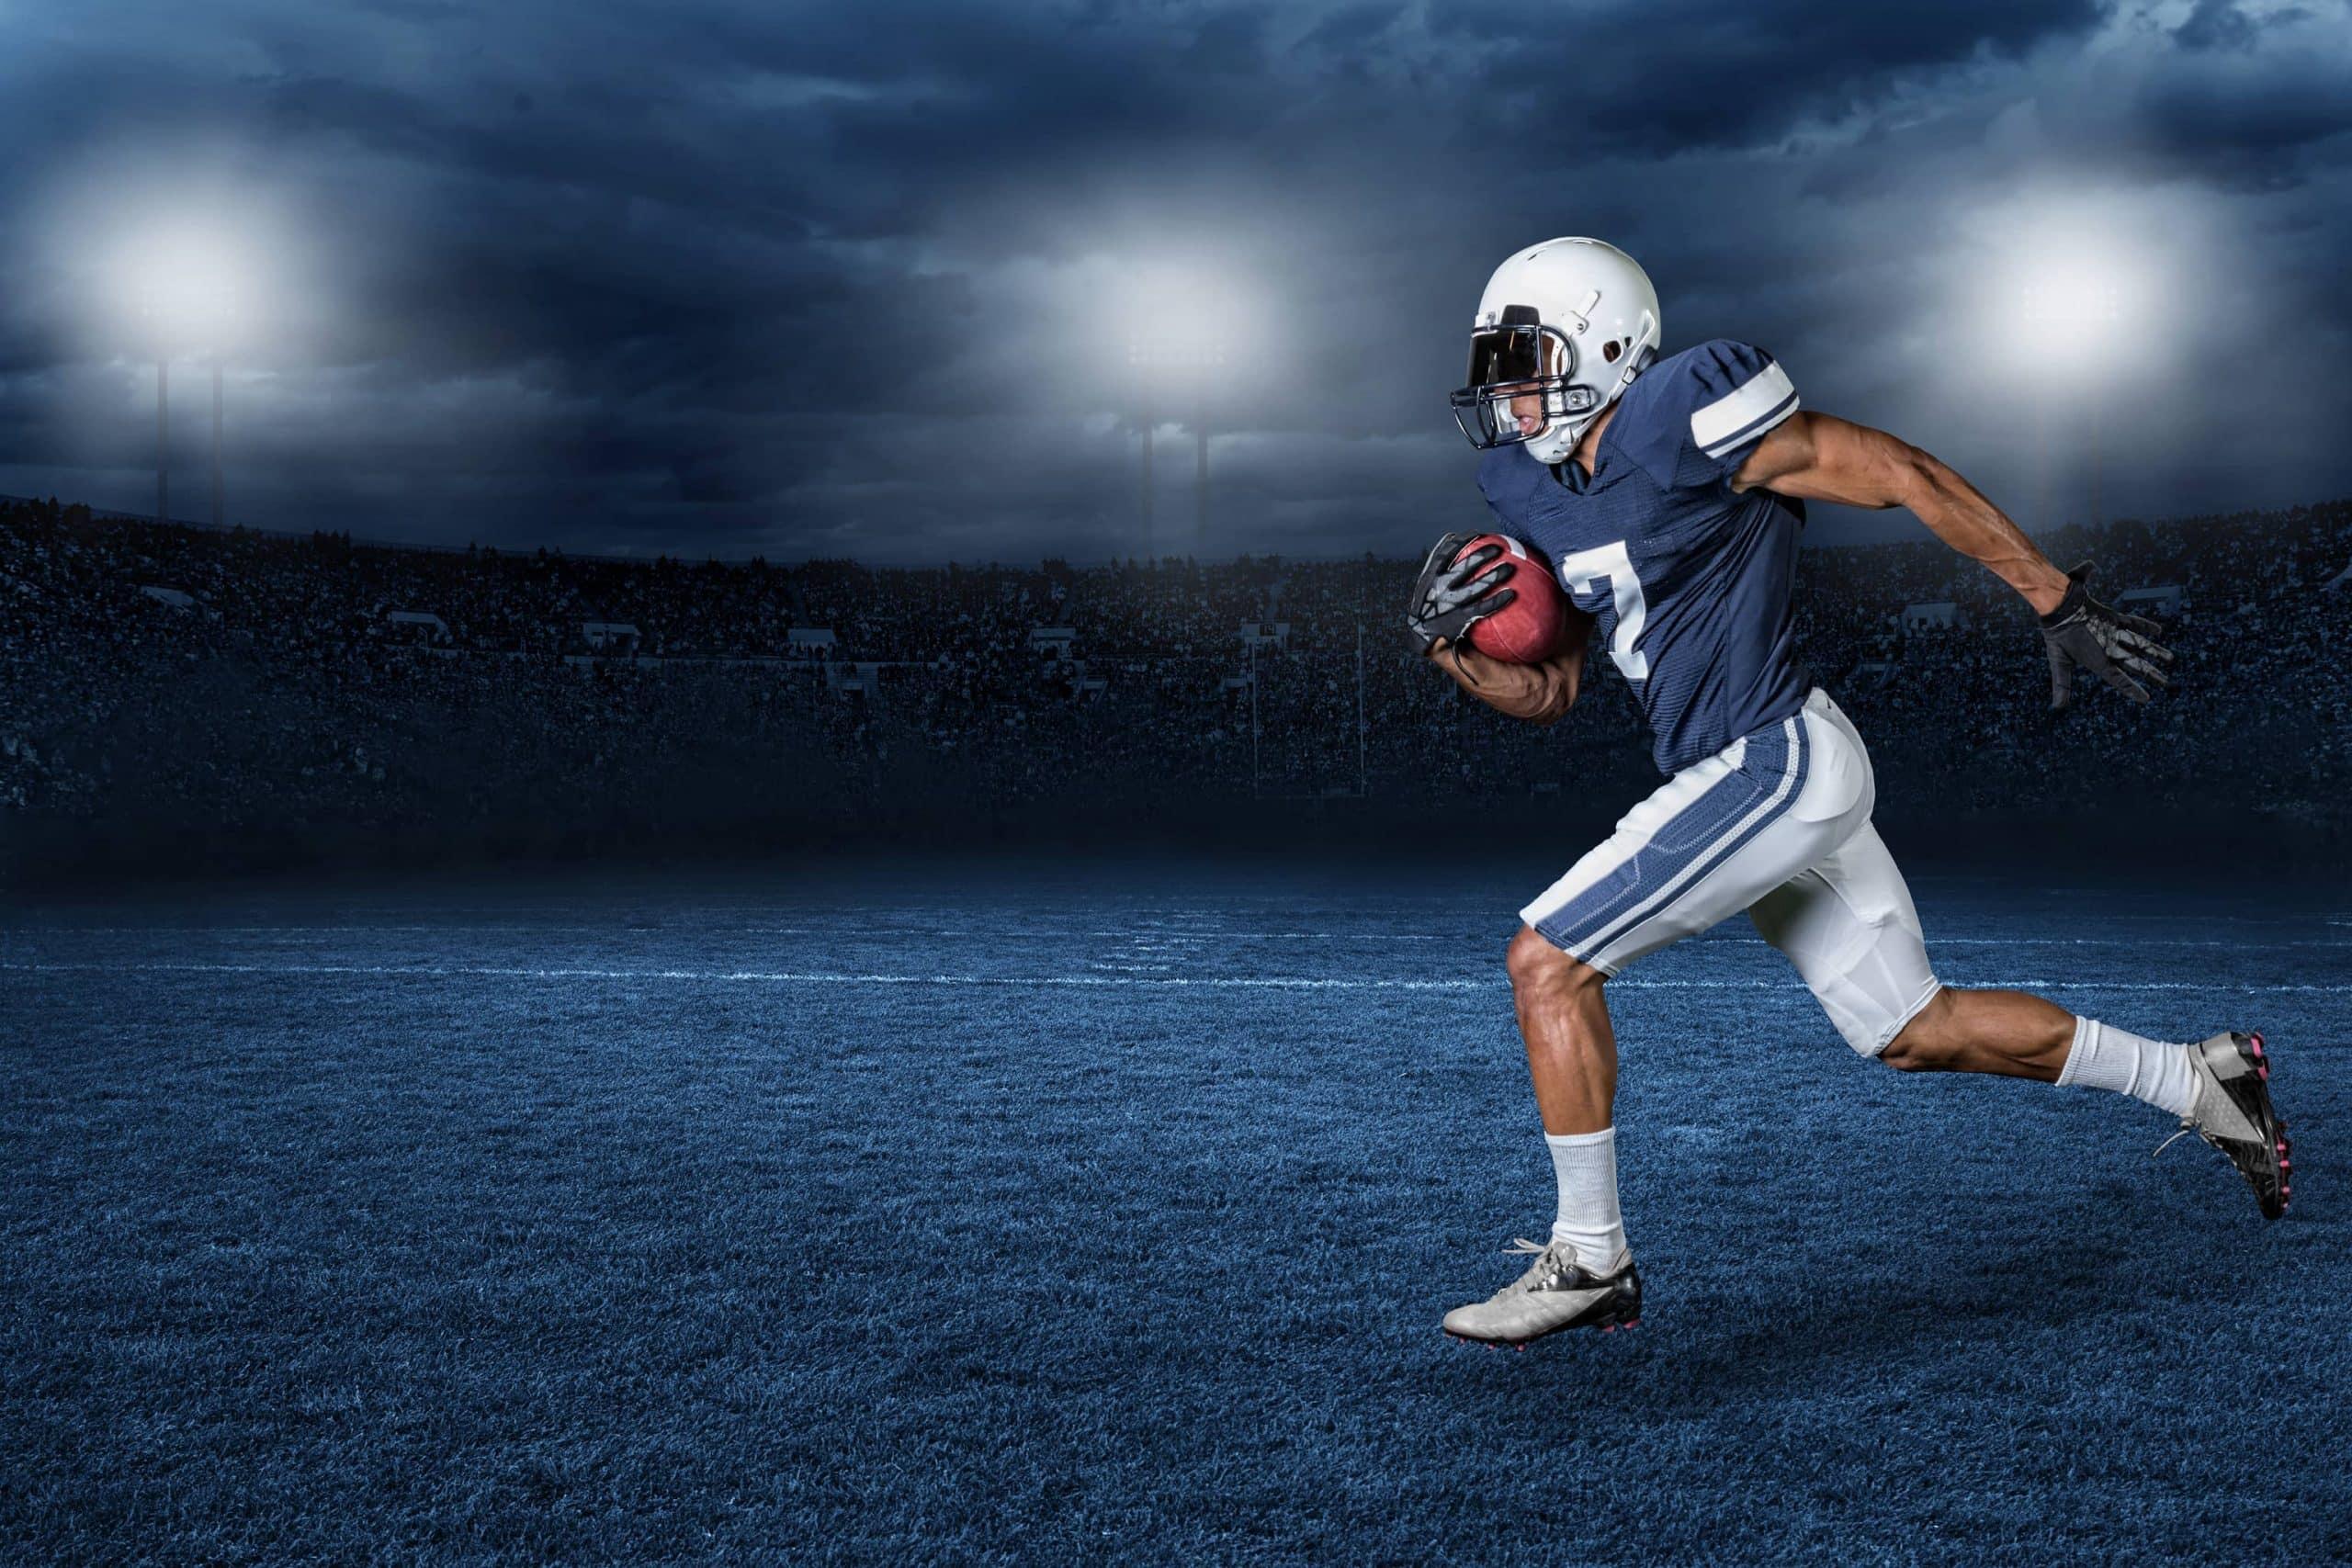 NFL Footballer